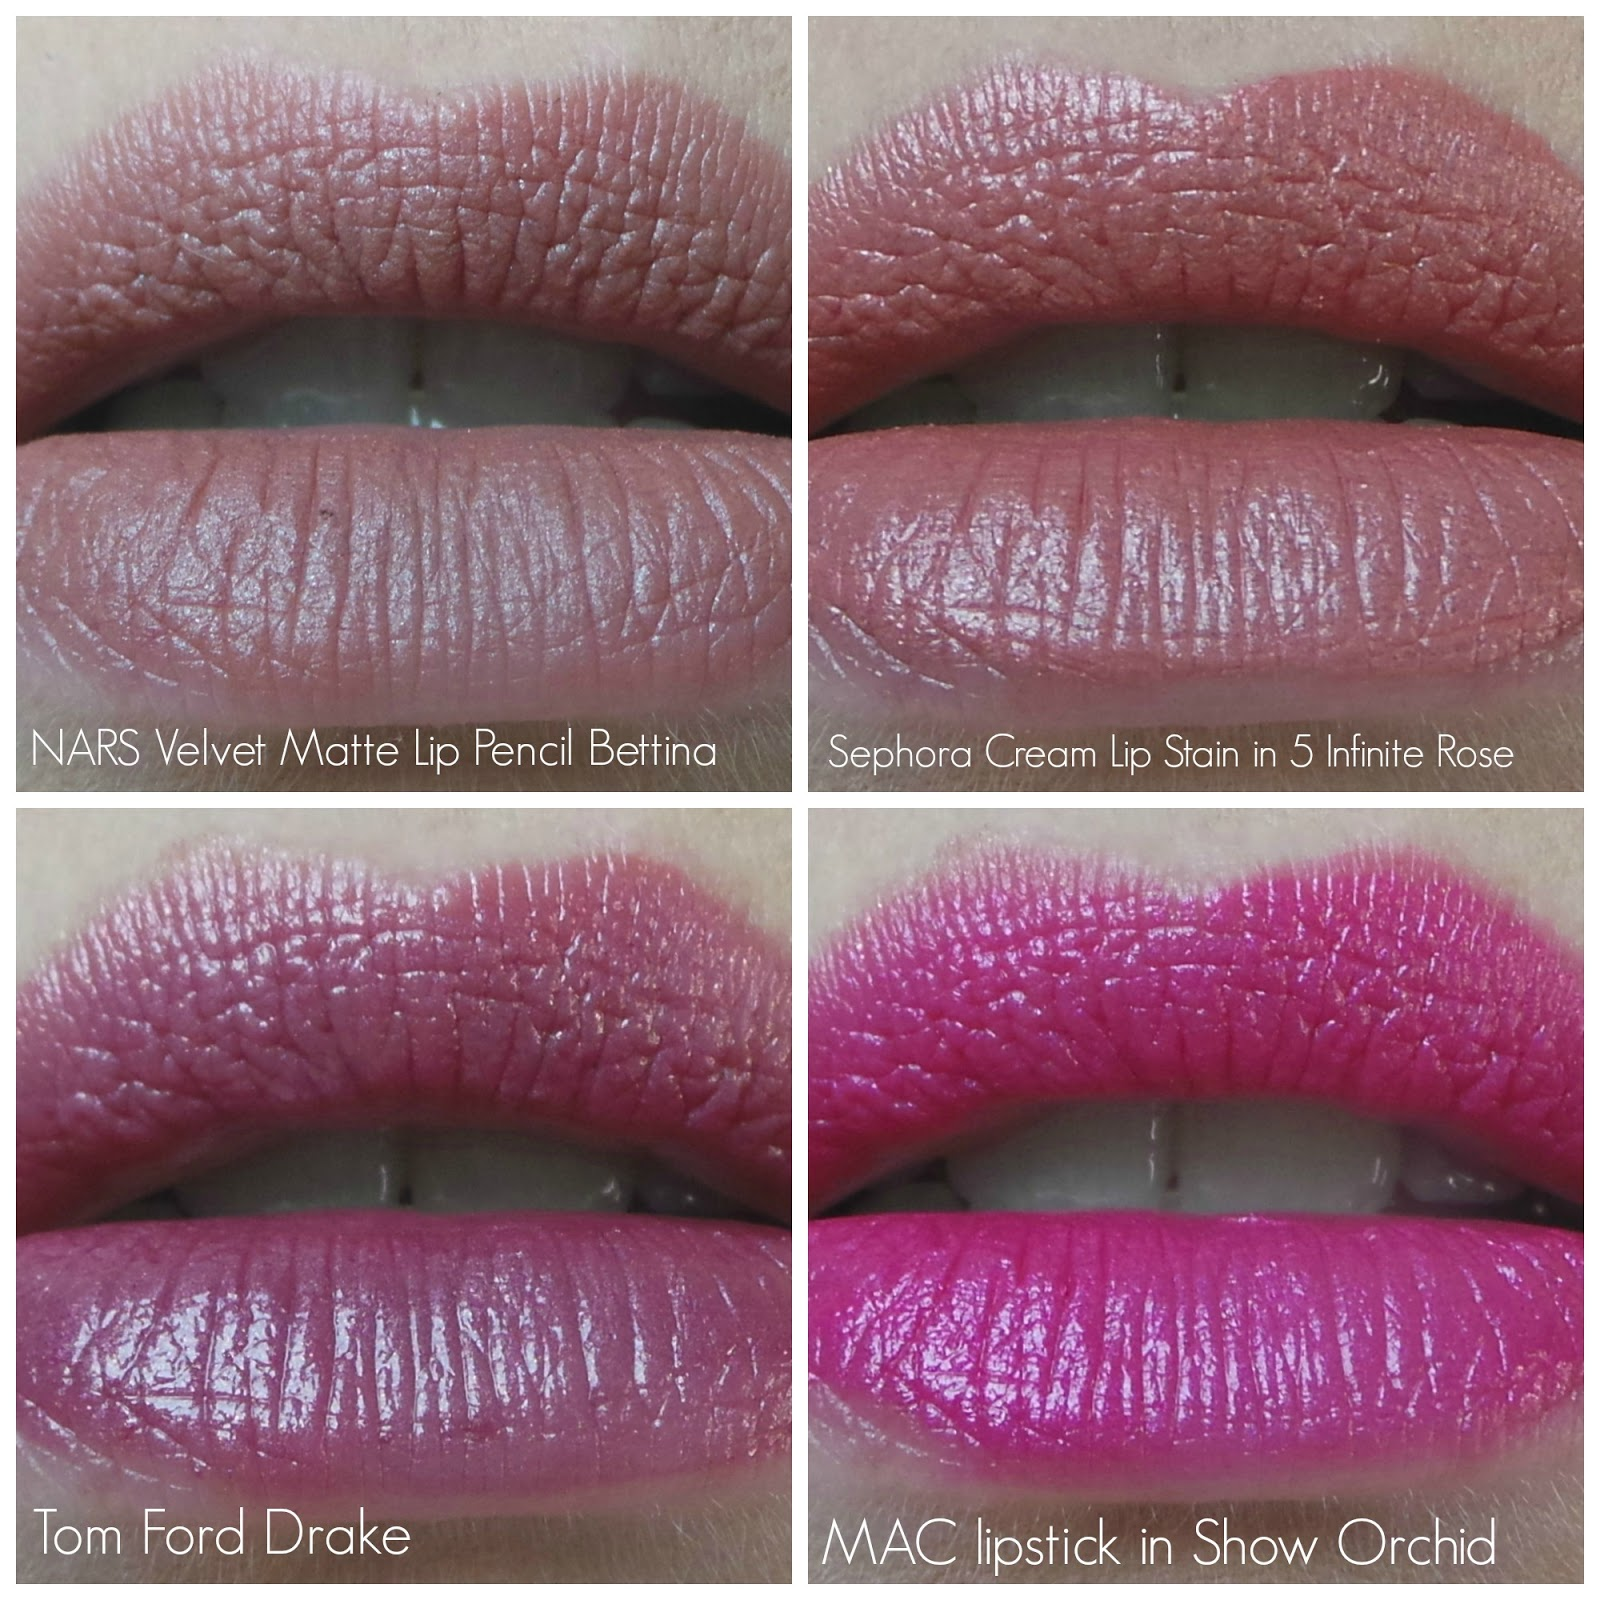 Carte Sephora Black Perdue.Metallic Lipstick Trend Or Foe Expat Make Up Addict